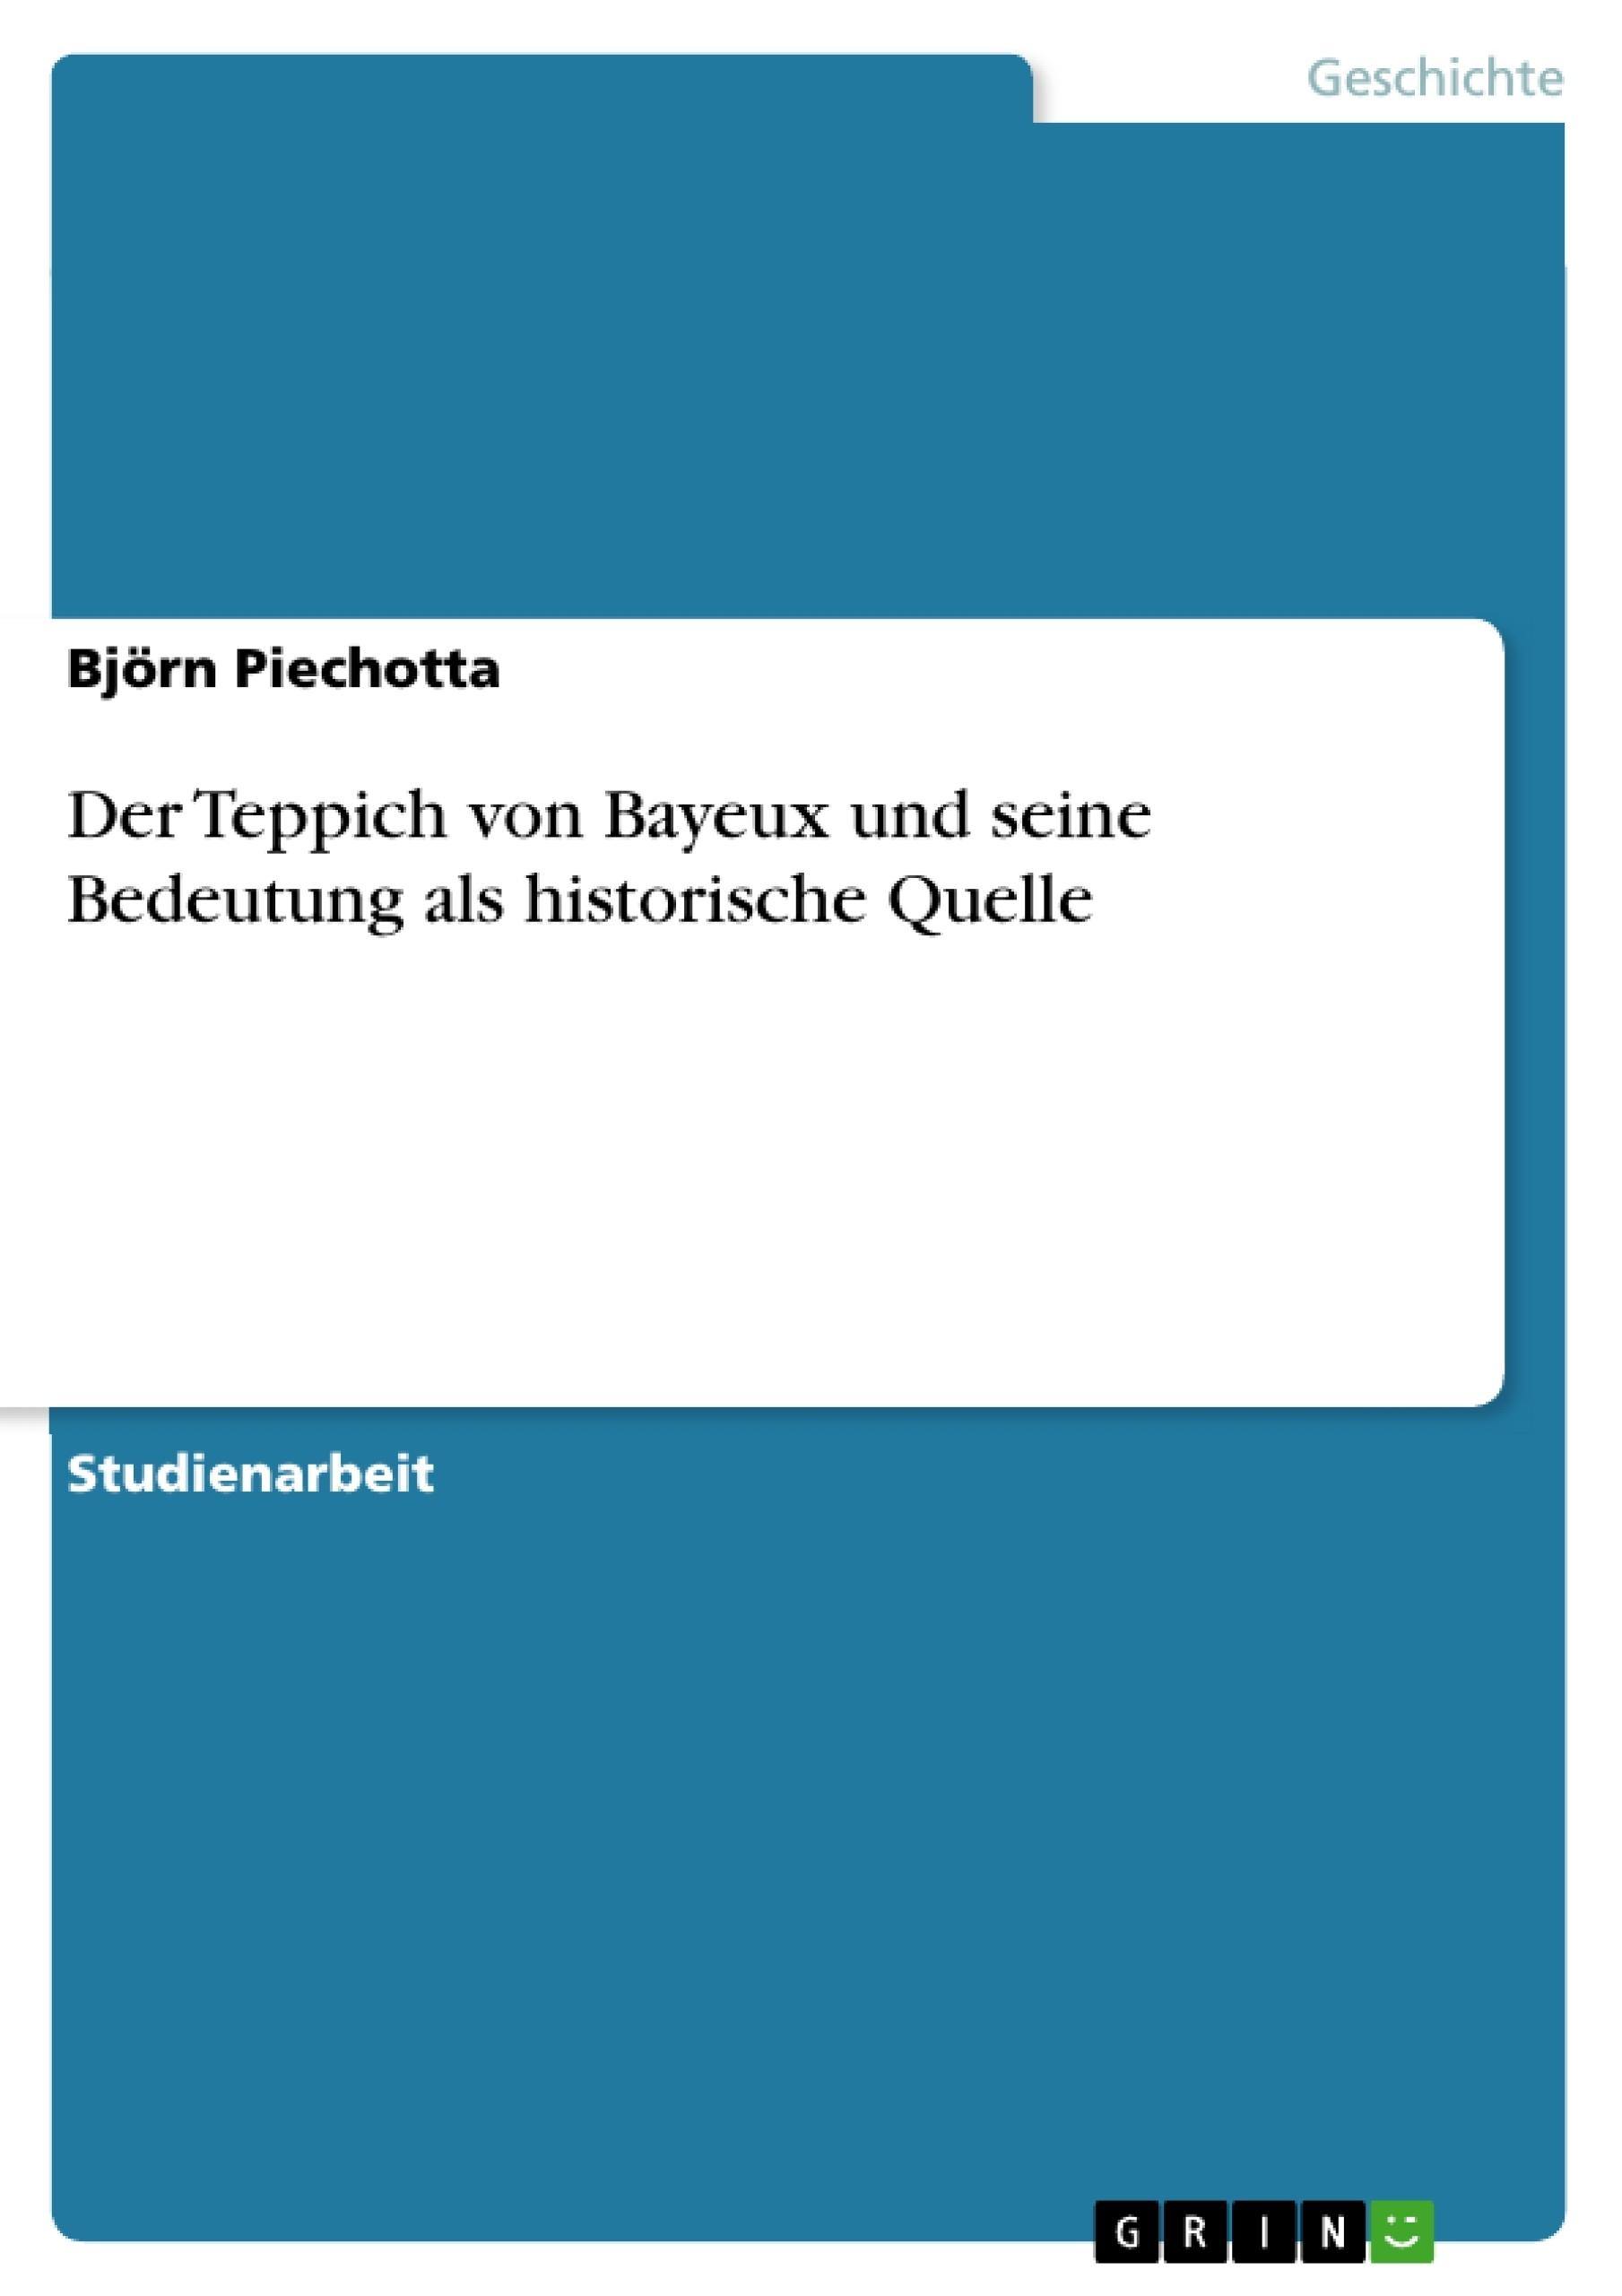 Titel: Der Teppich von Bayeux und seine Bedeutung als historische Quelle